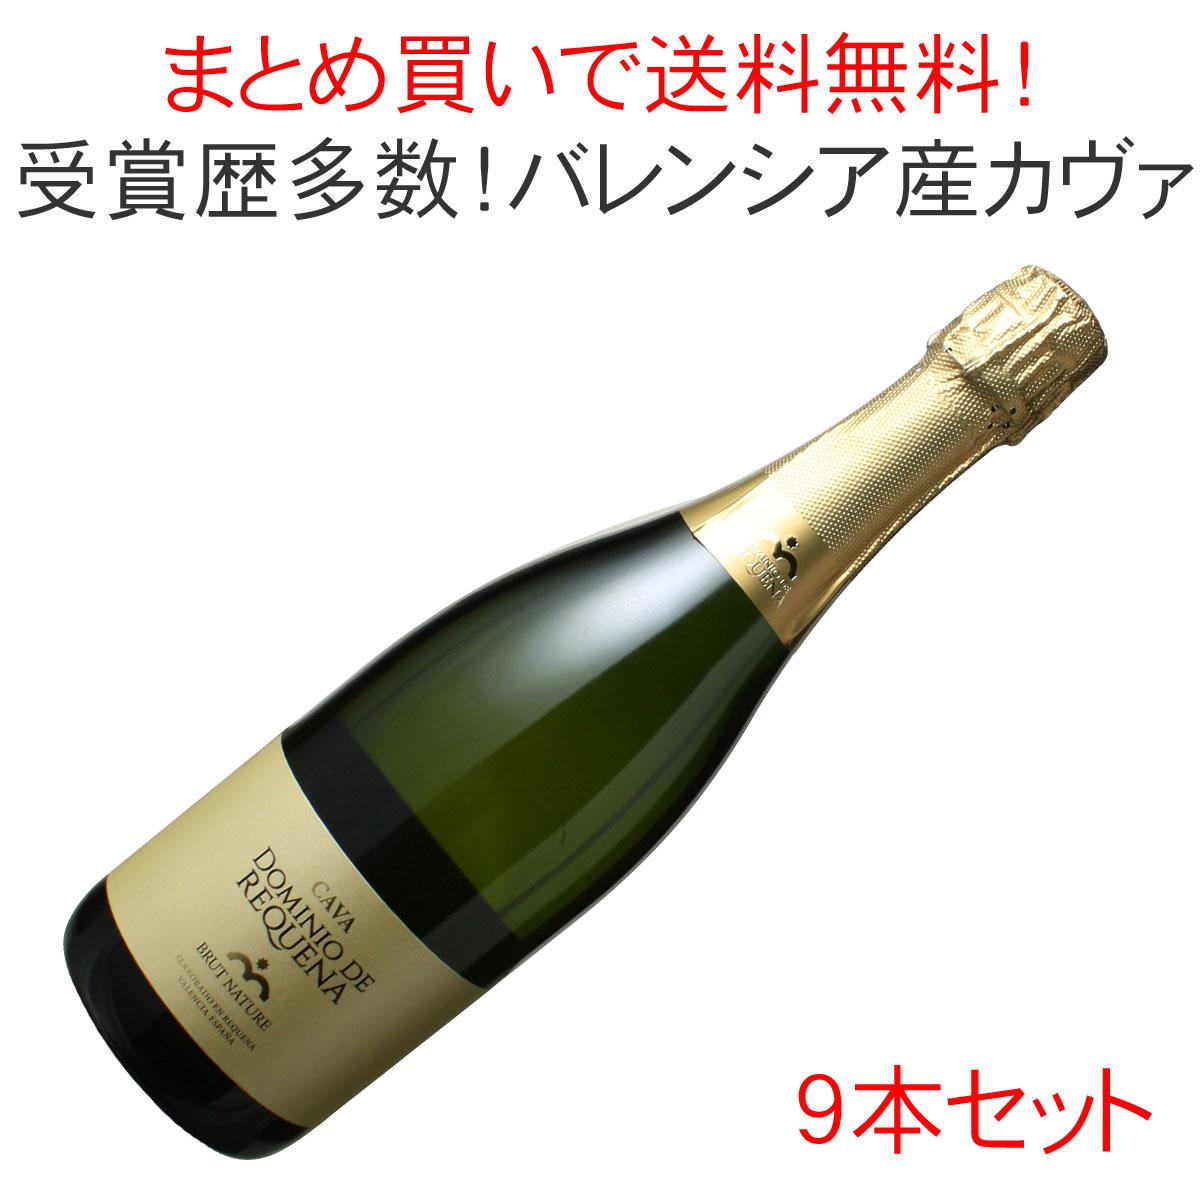 【送料無料】カヴァ ドミニオ・デ・レケナ ブリュット ナチュレ NV 1ケース9本セット <白> <ワイン/スパークリング>